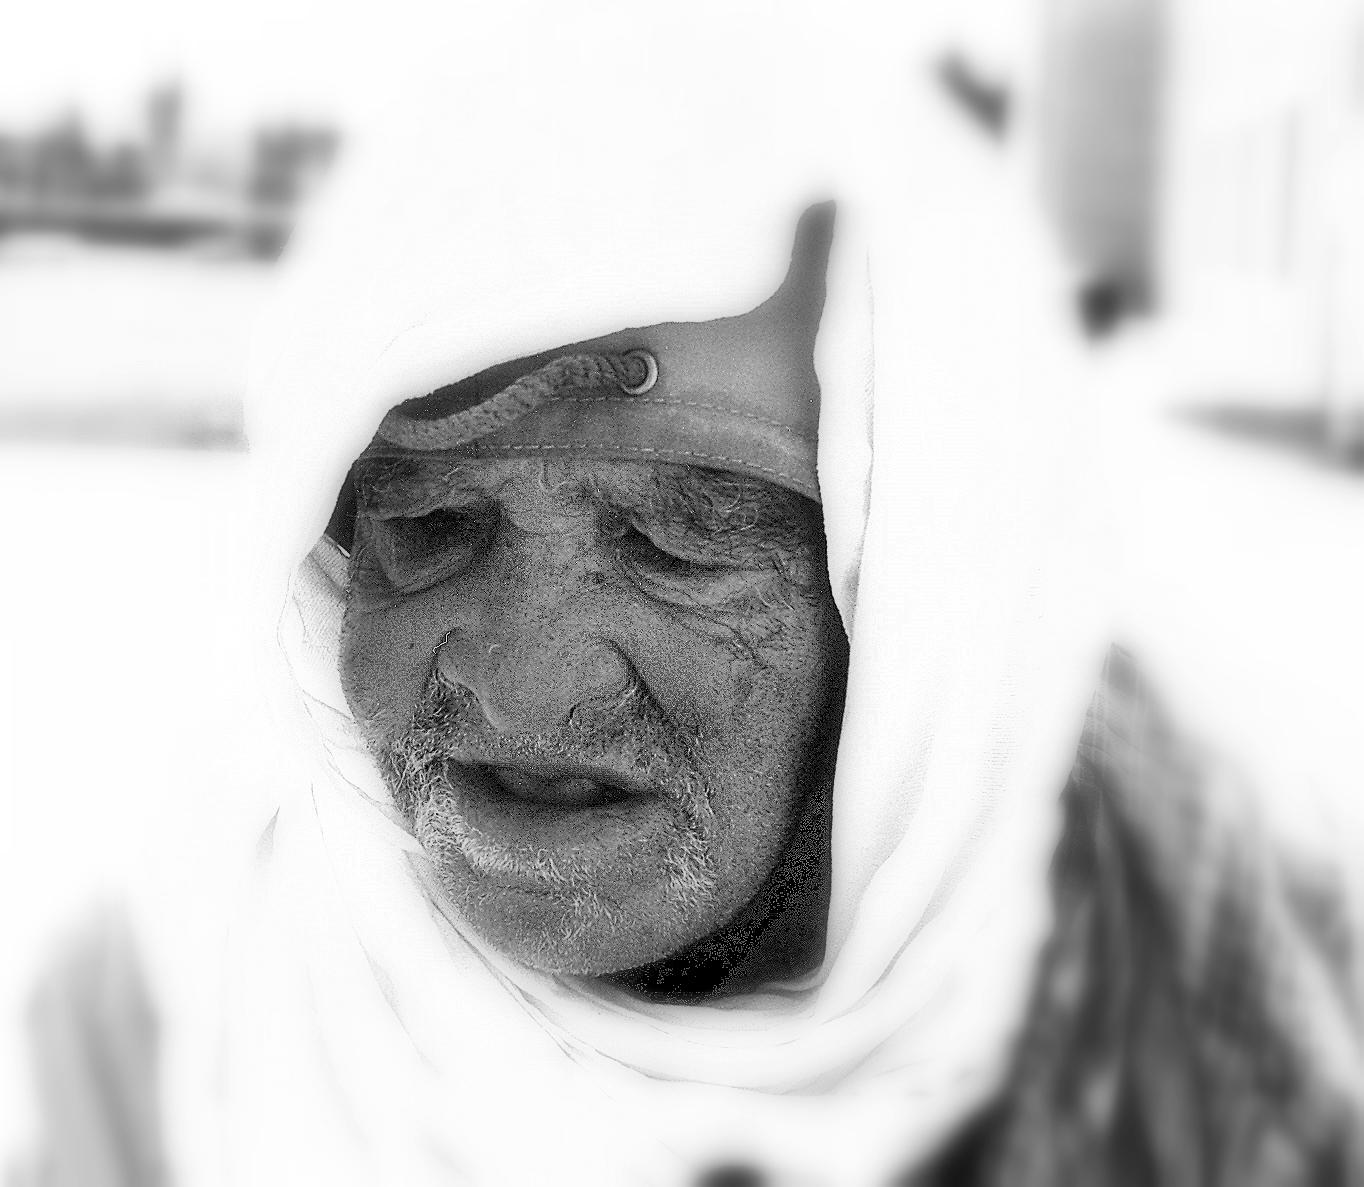 ...el anciano lloró durante un rato... (Fotografía: Jimber)